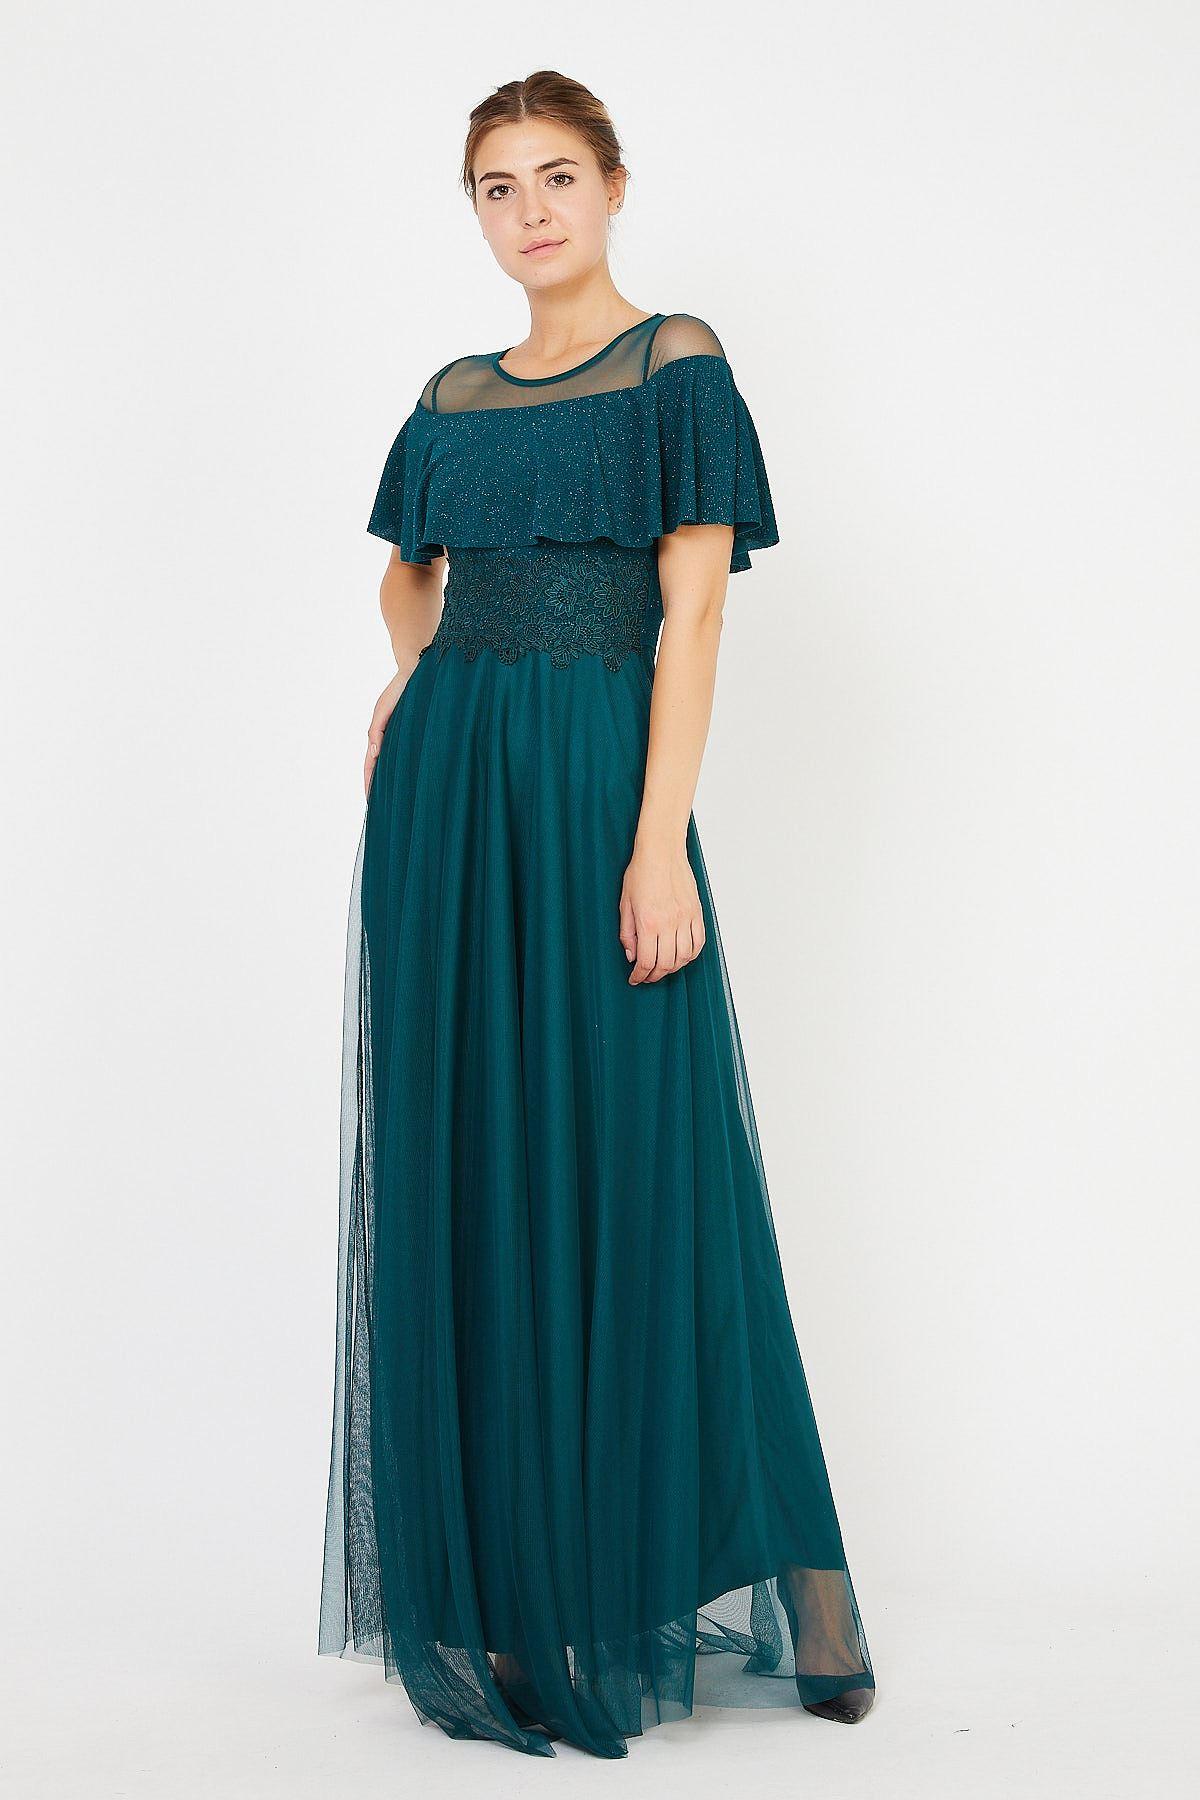 Göğsü Volanlu Tüllü Uzun Abiye Elbise